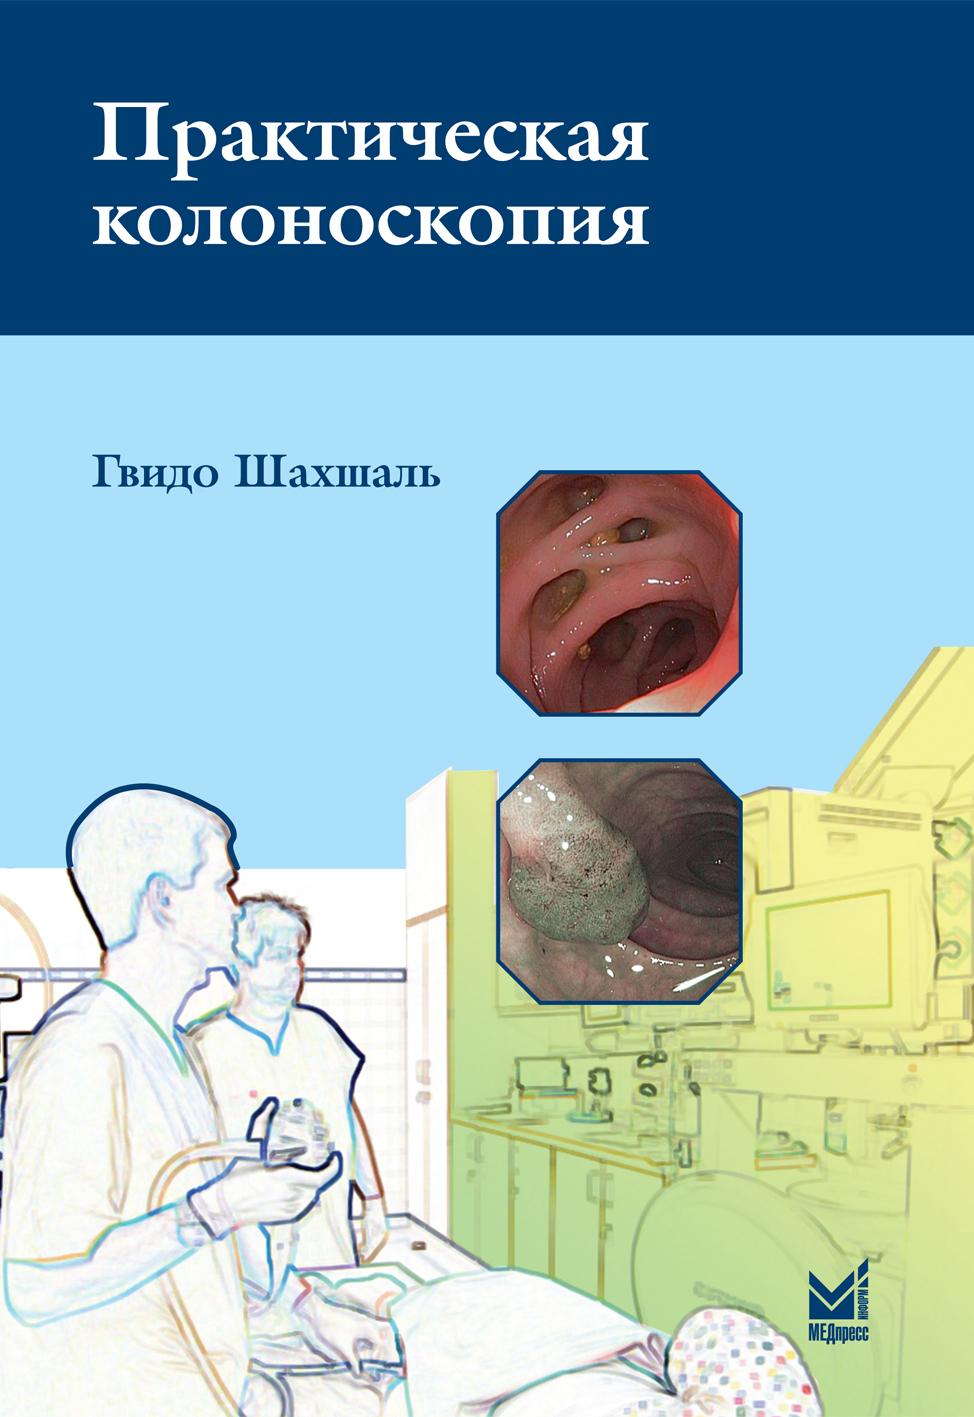 Новинки Практическая колоноскопия pract_kolonosc.jpg